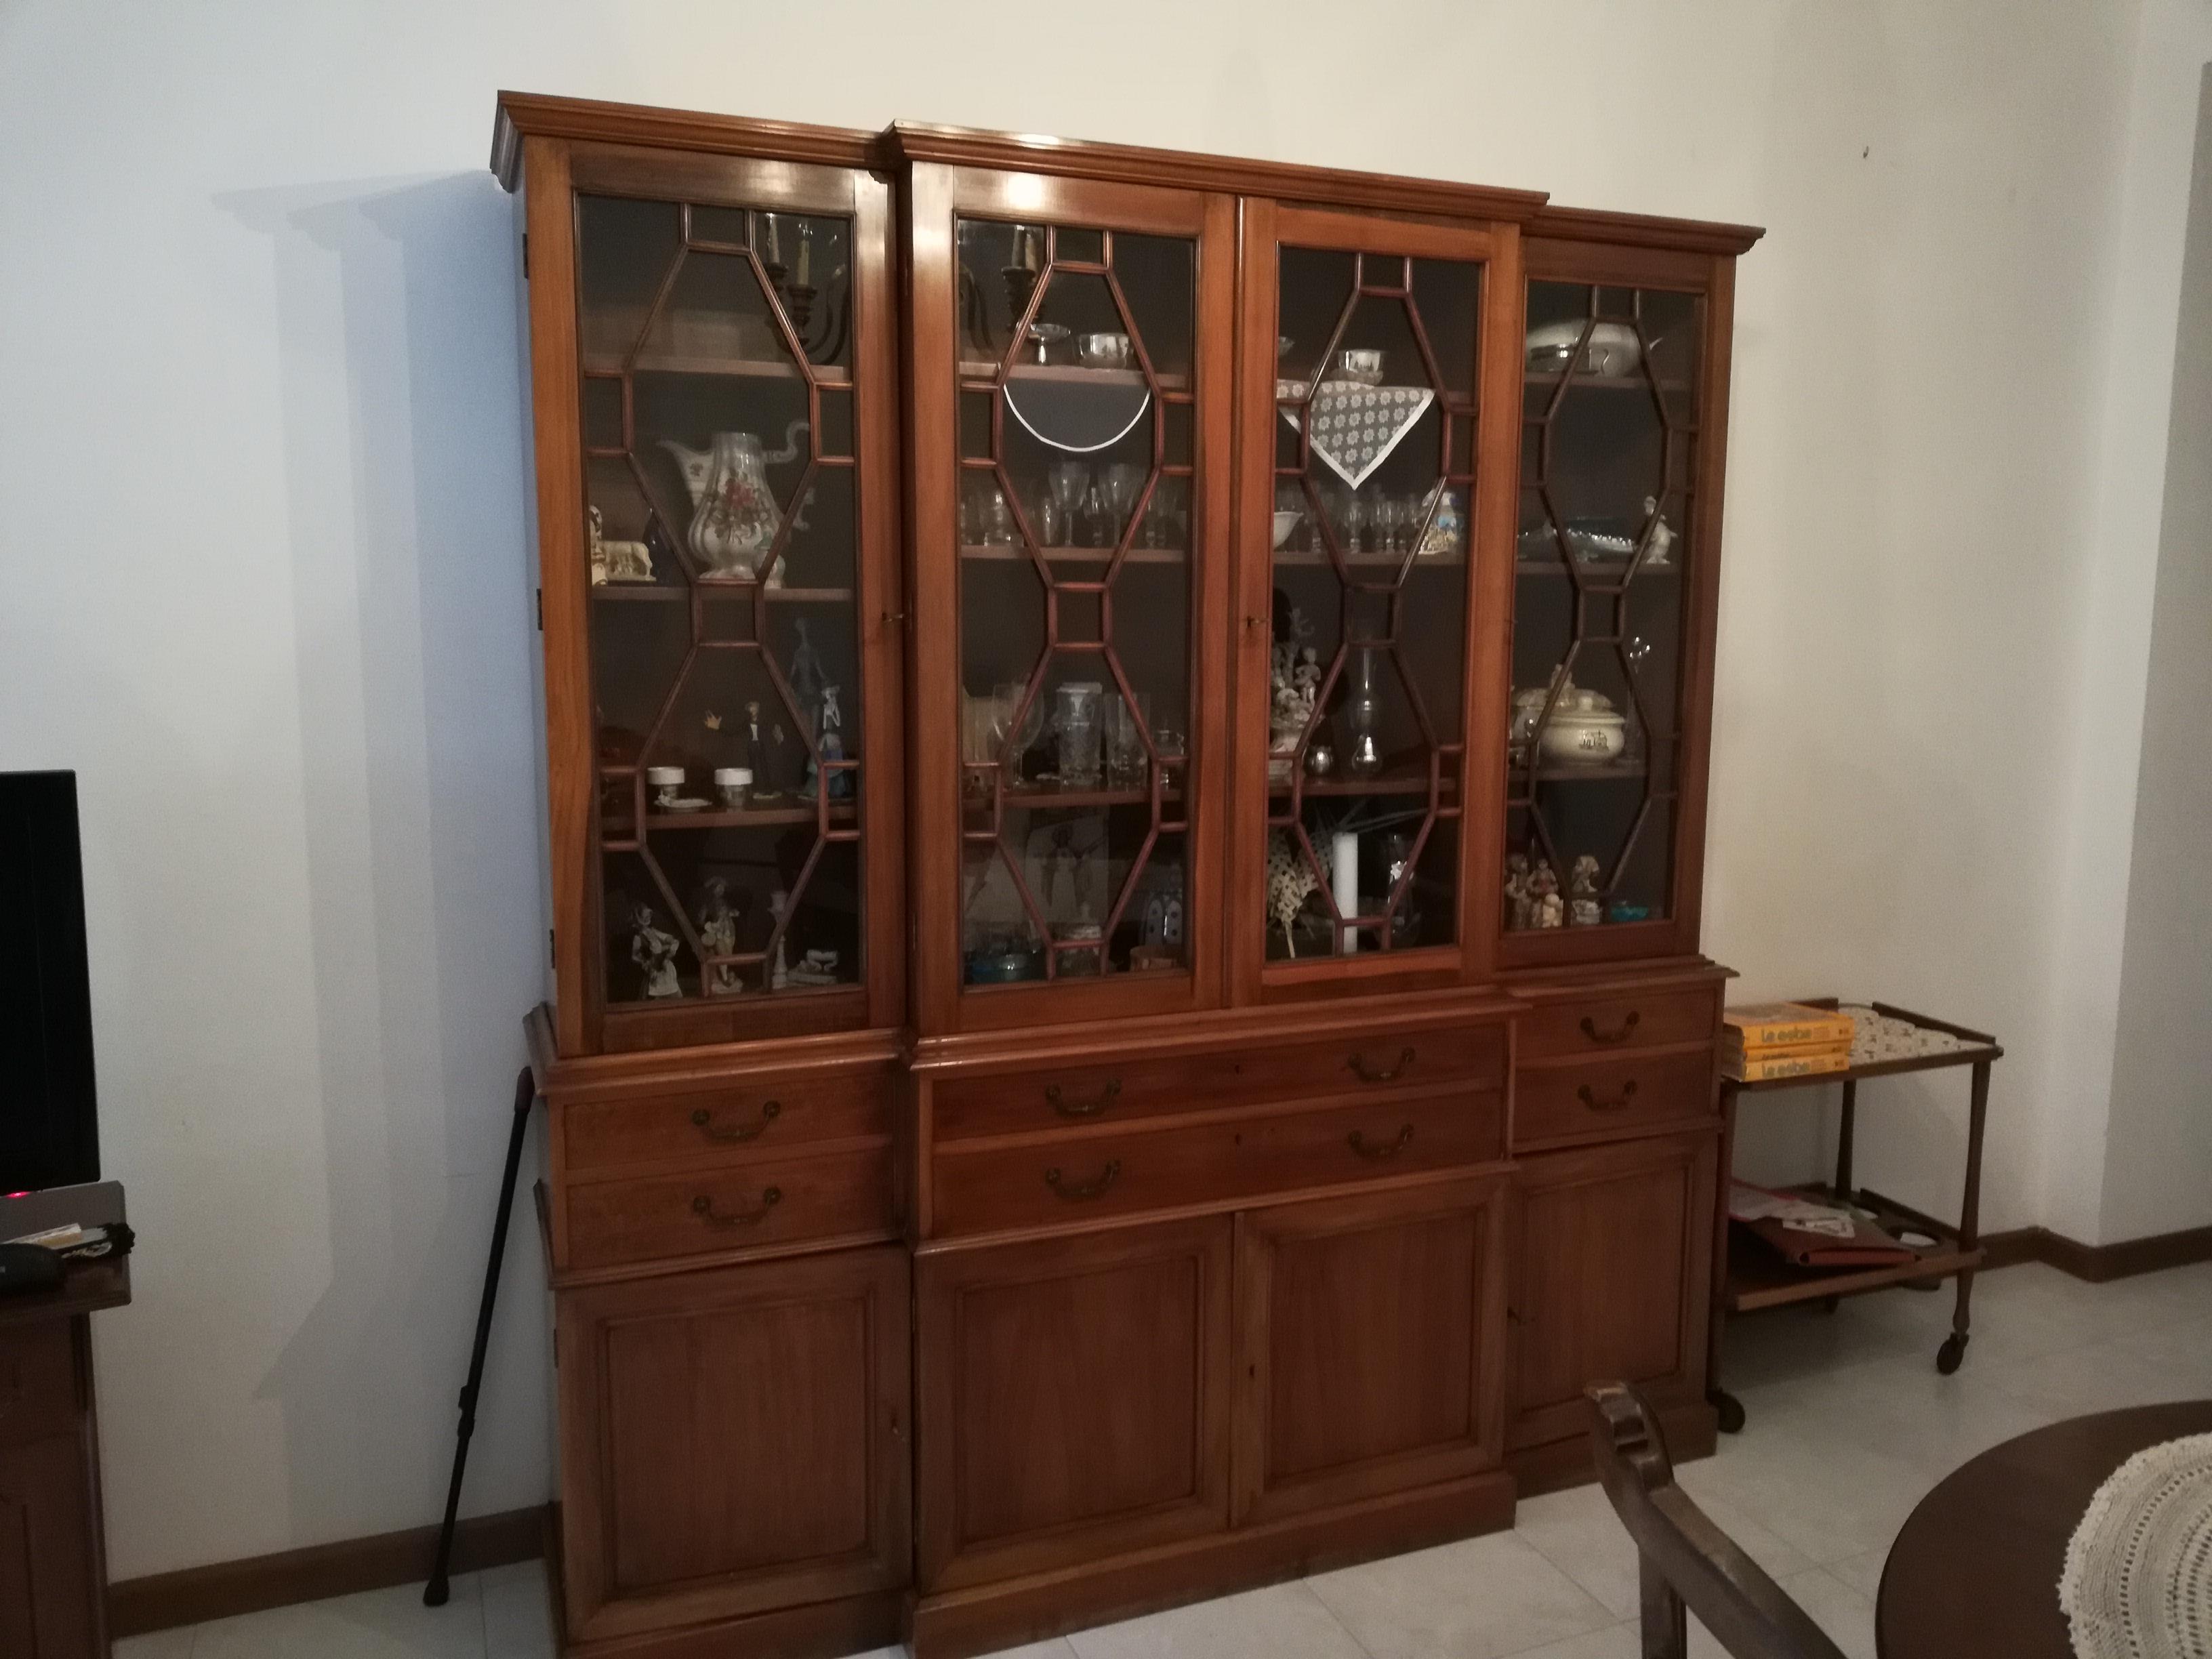 armadio 2 ante 2 cassetti Usato Cagliari - Elios96